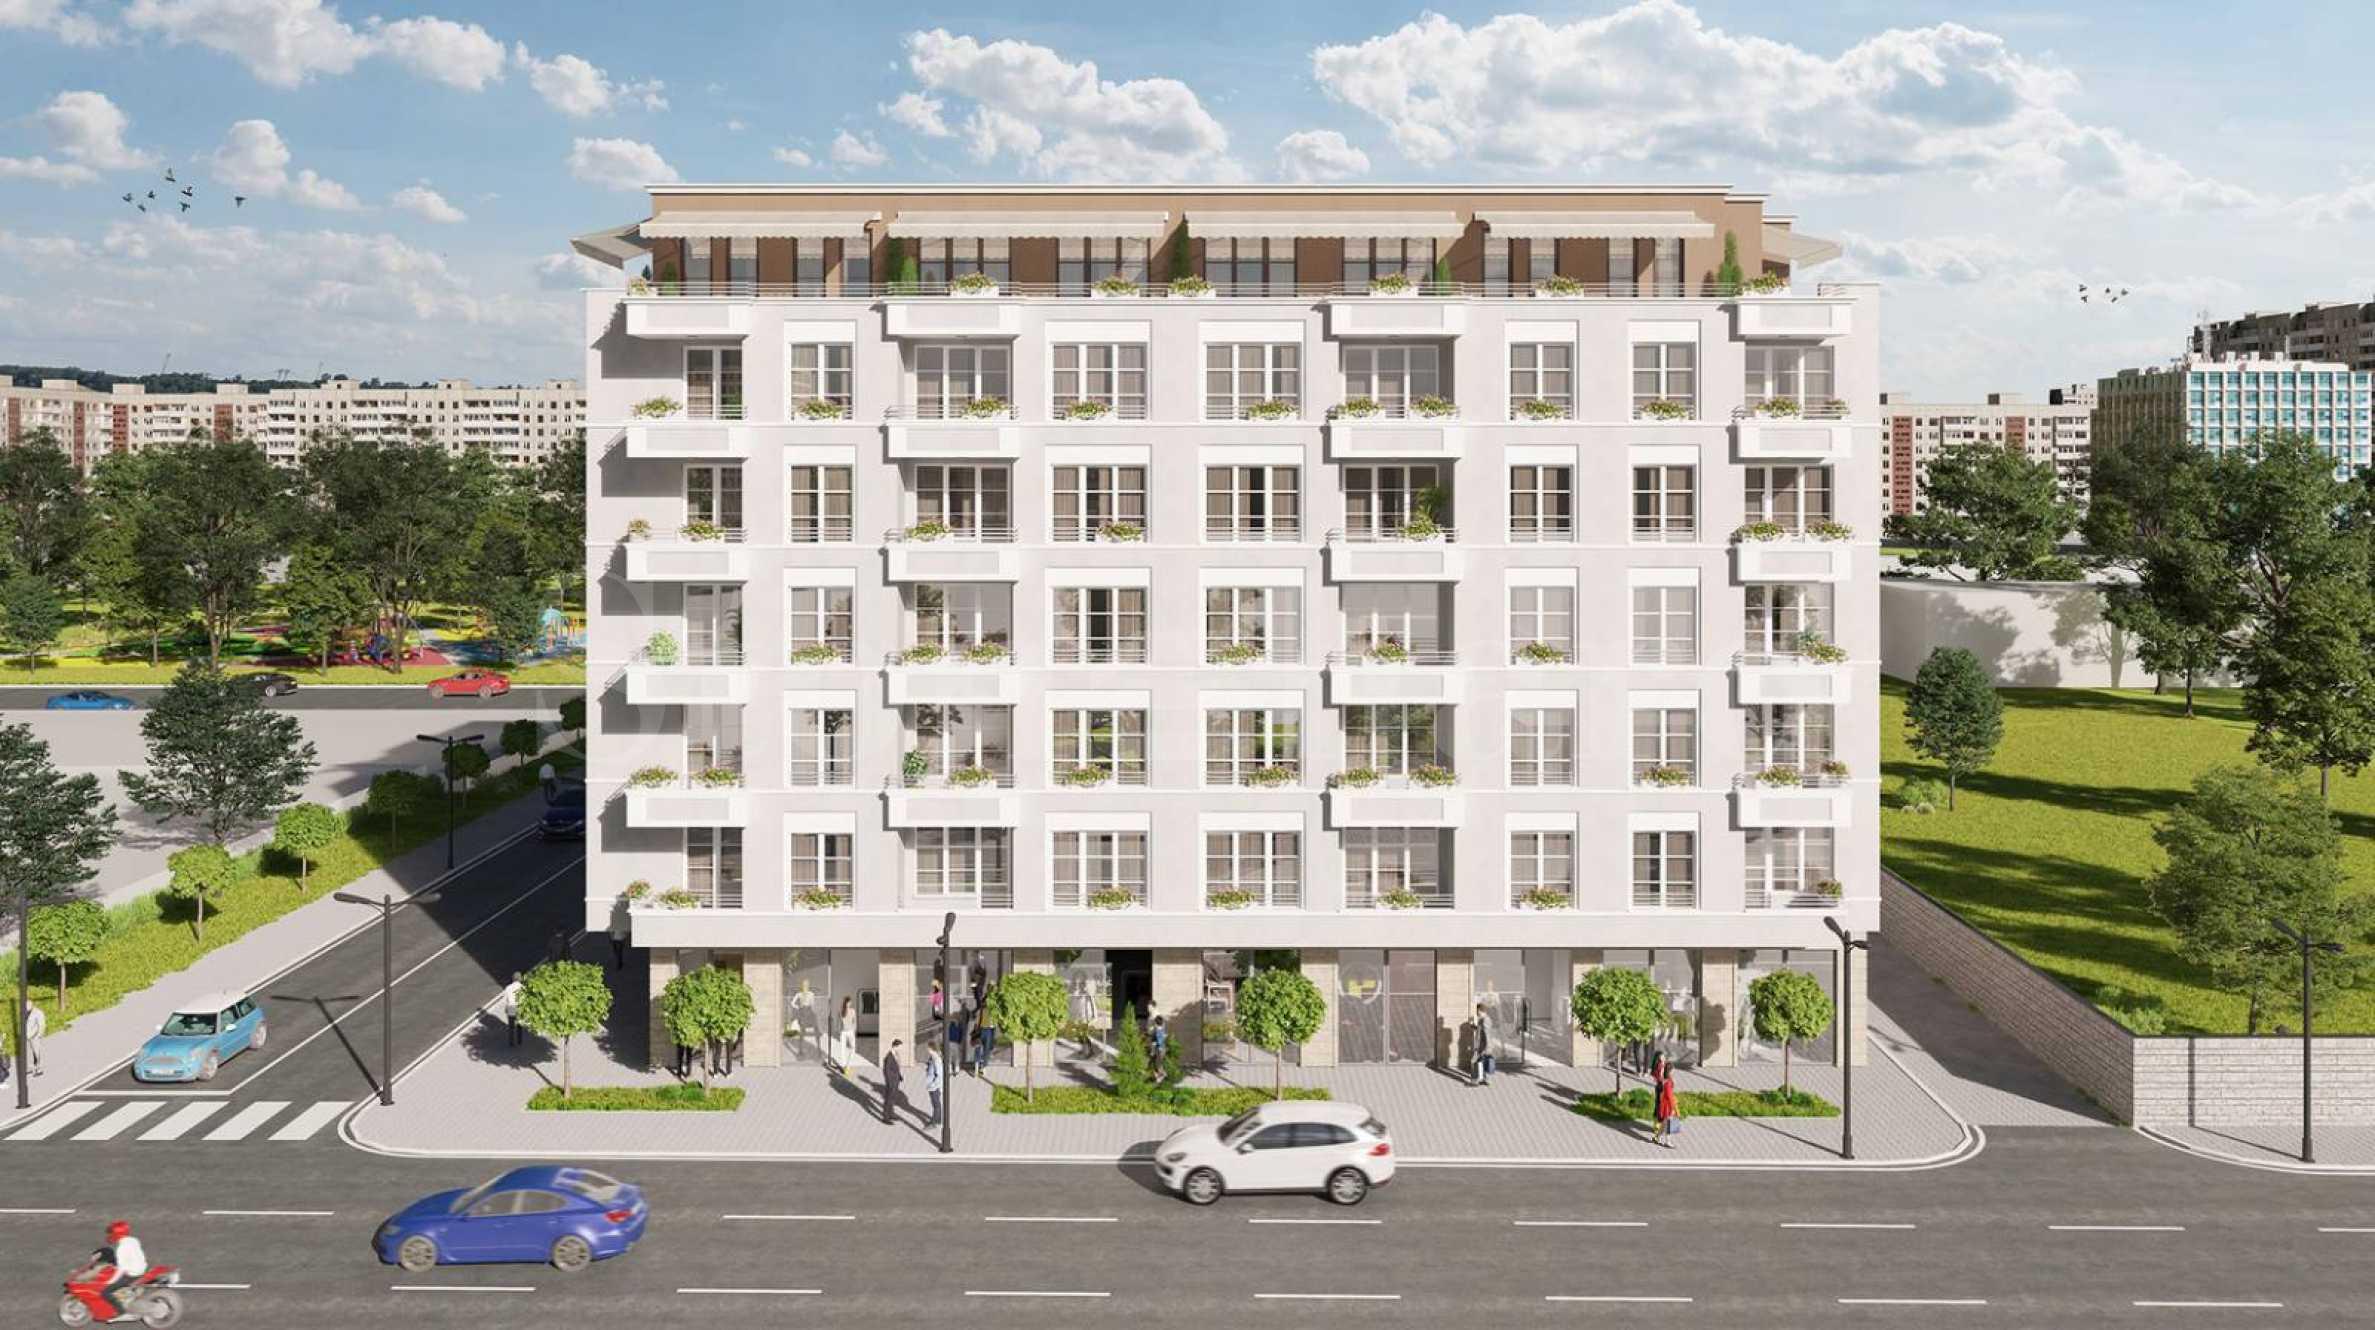 Жилищен комплекс с просторни апартаменти в комуникативен район 2 - Stonehard